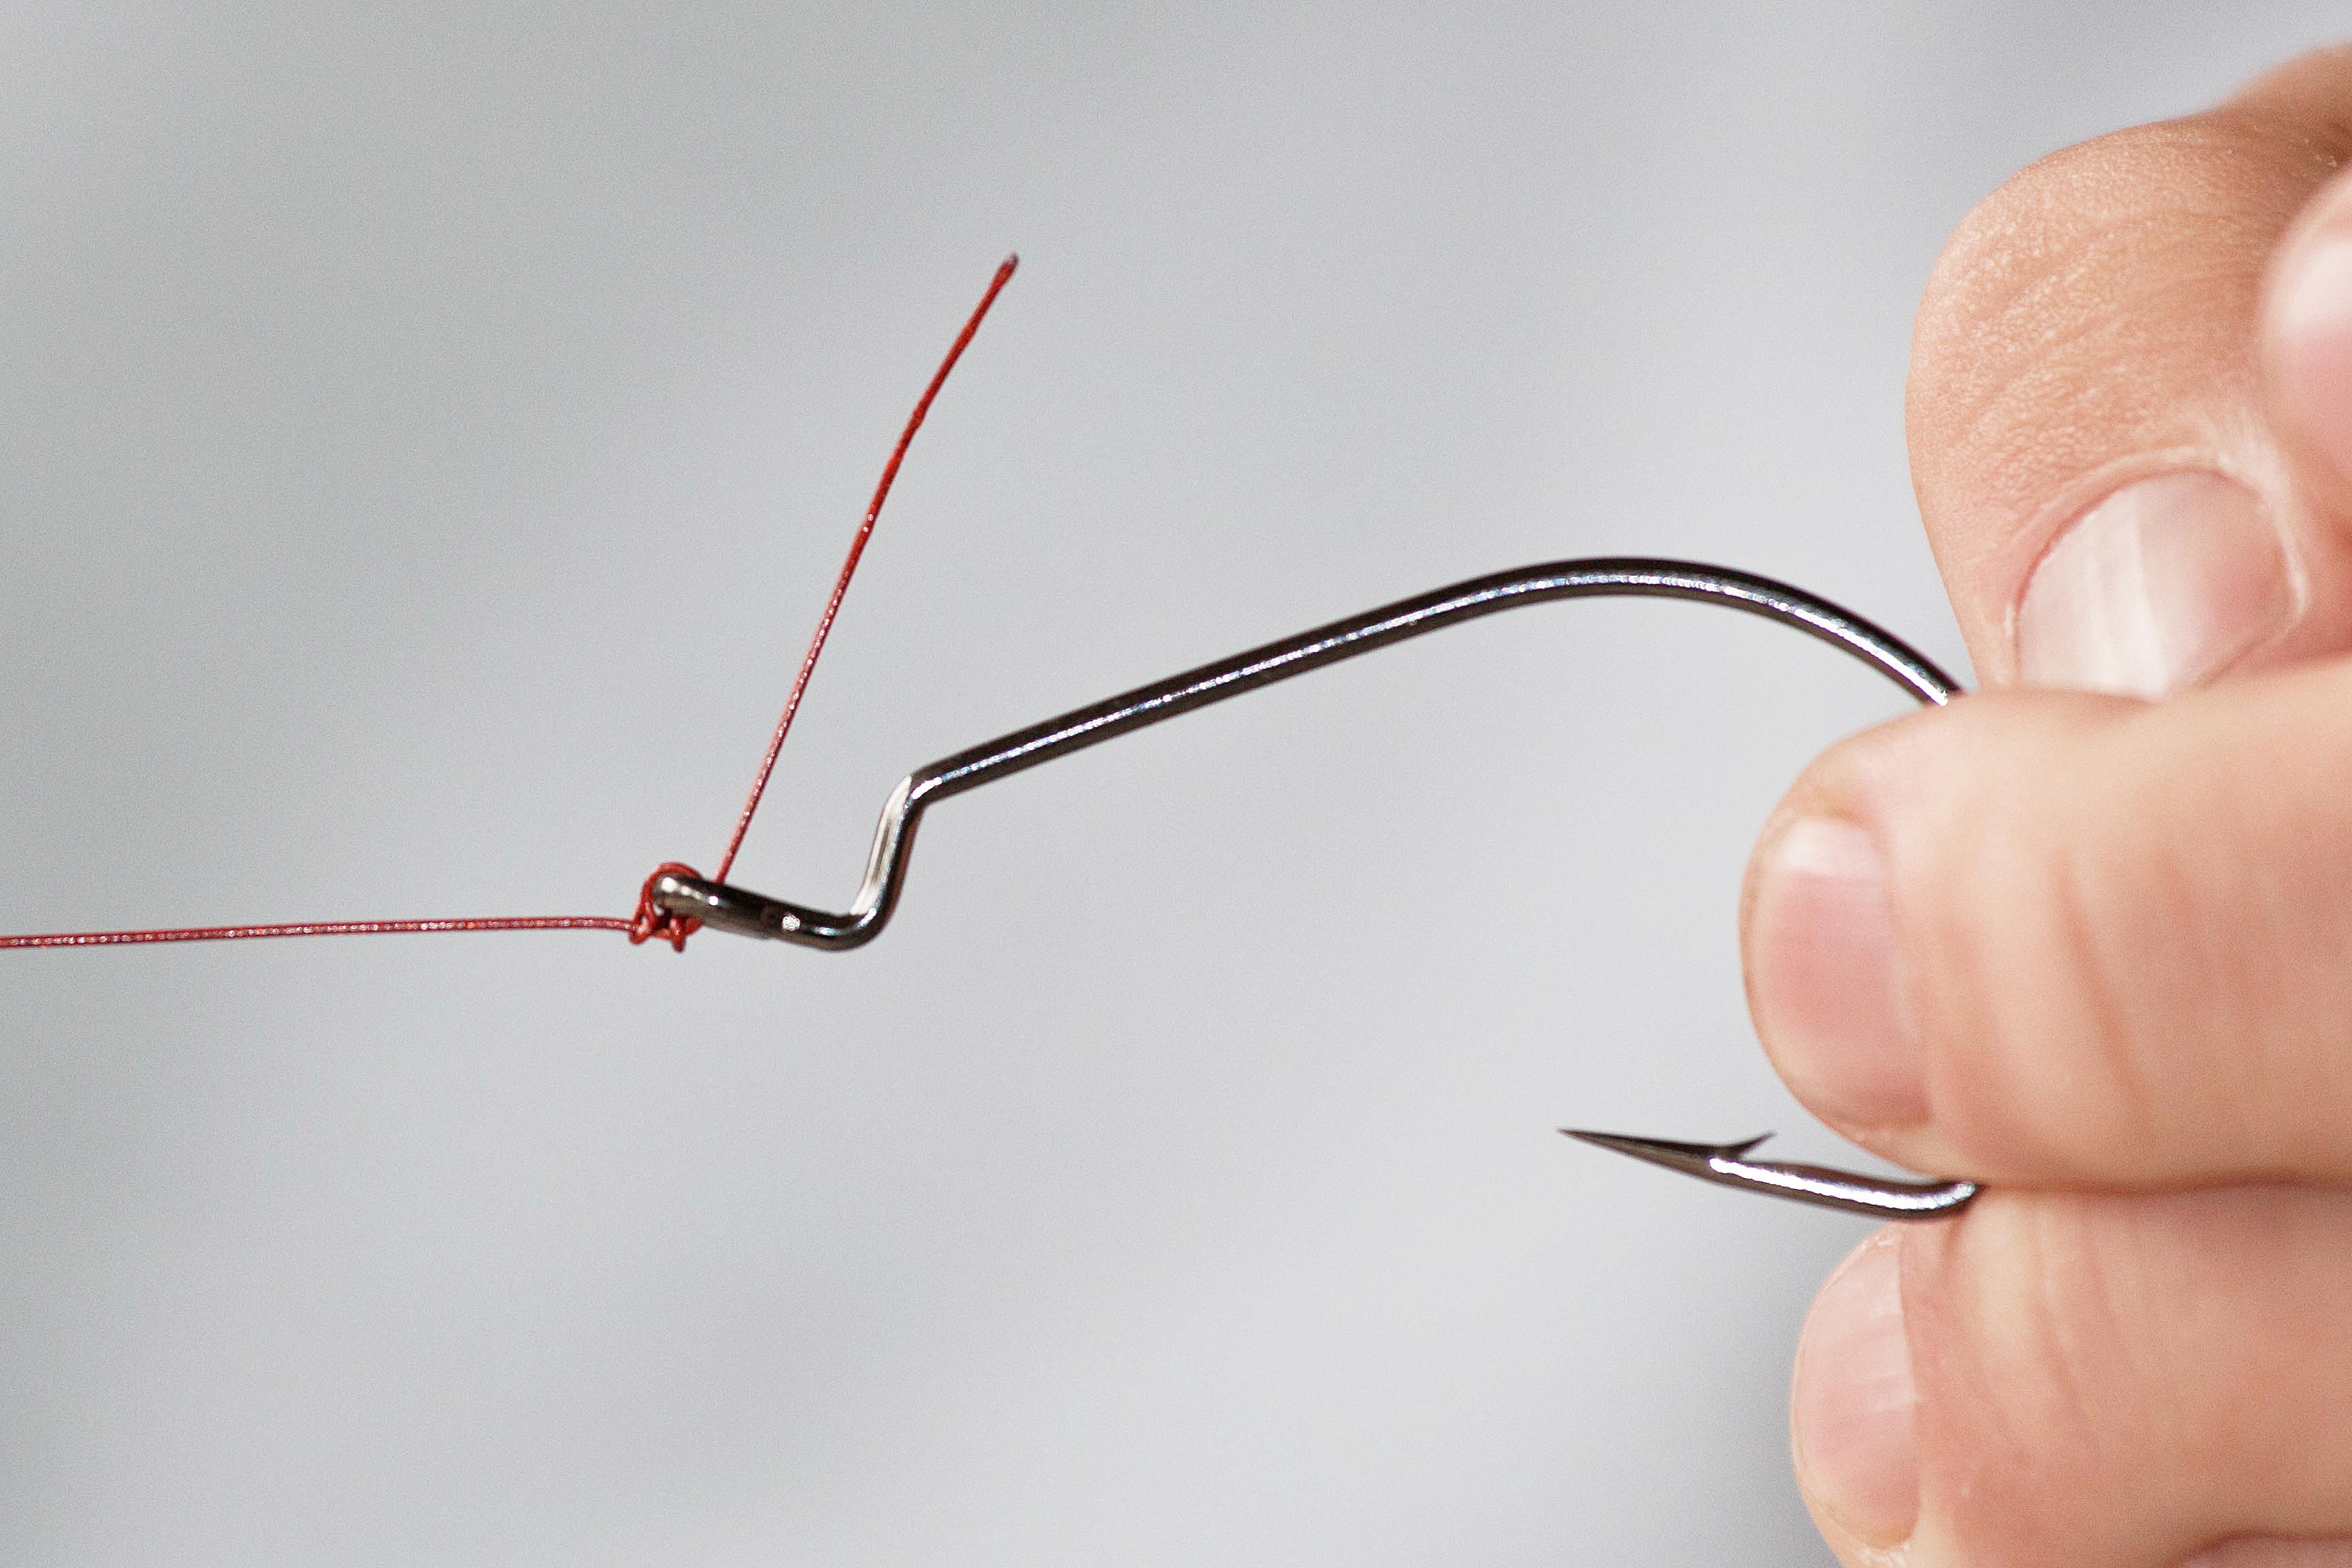 Man zieht die Schlaufen fest und erhält so einen sowohl einfachen, als auch starken Knoten.